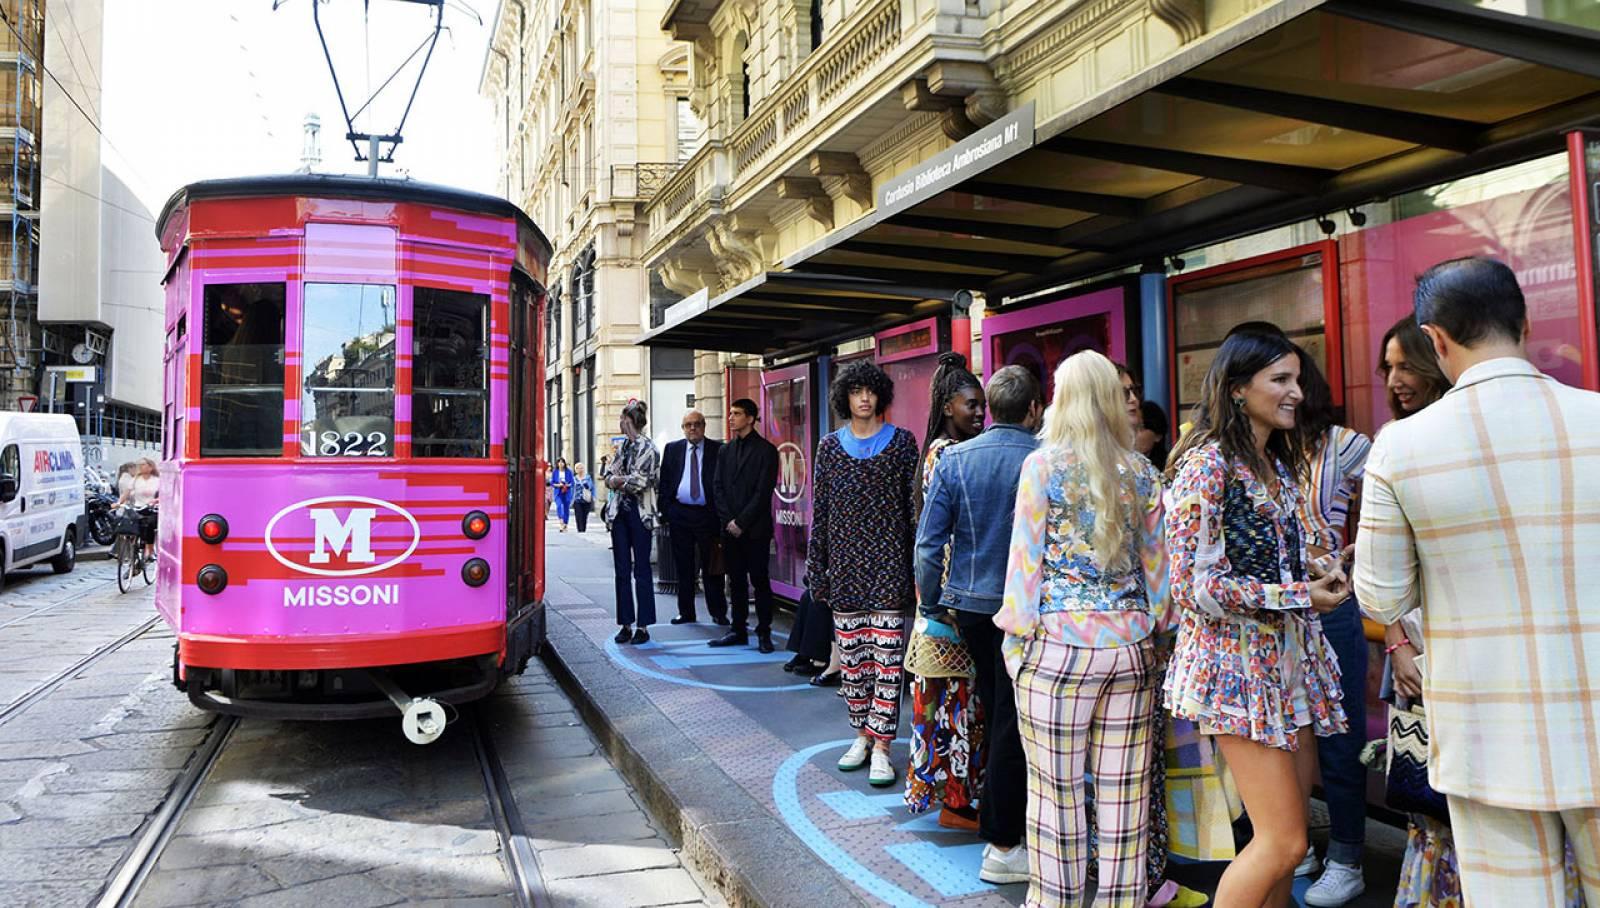 Campagna OOH a Milano IGPDecaux tram decorato per M Missoni